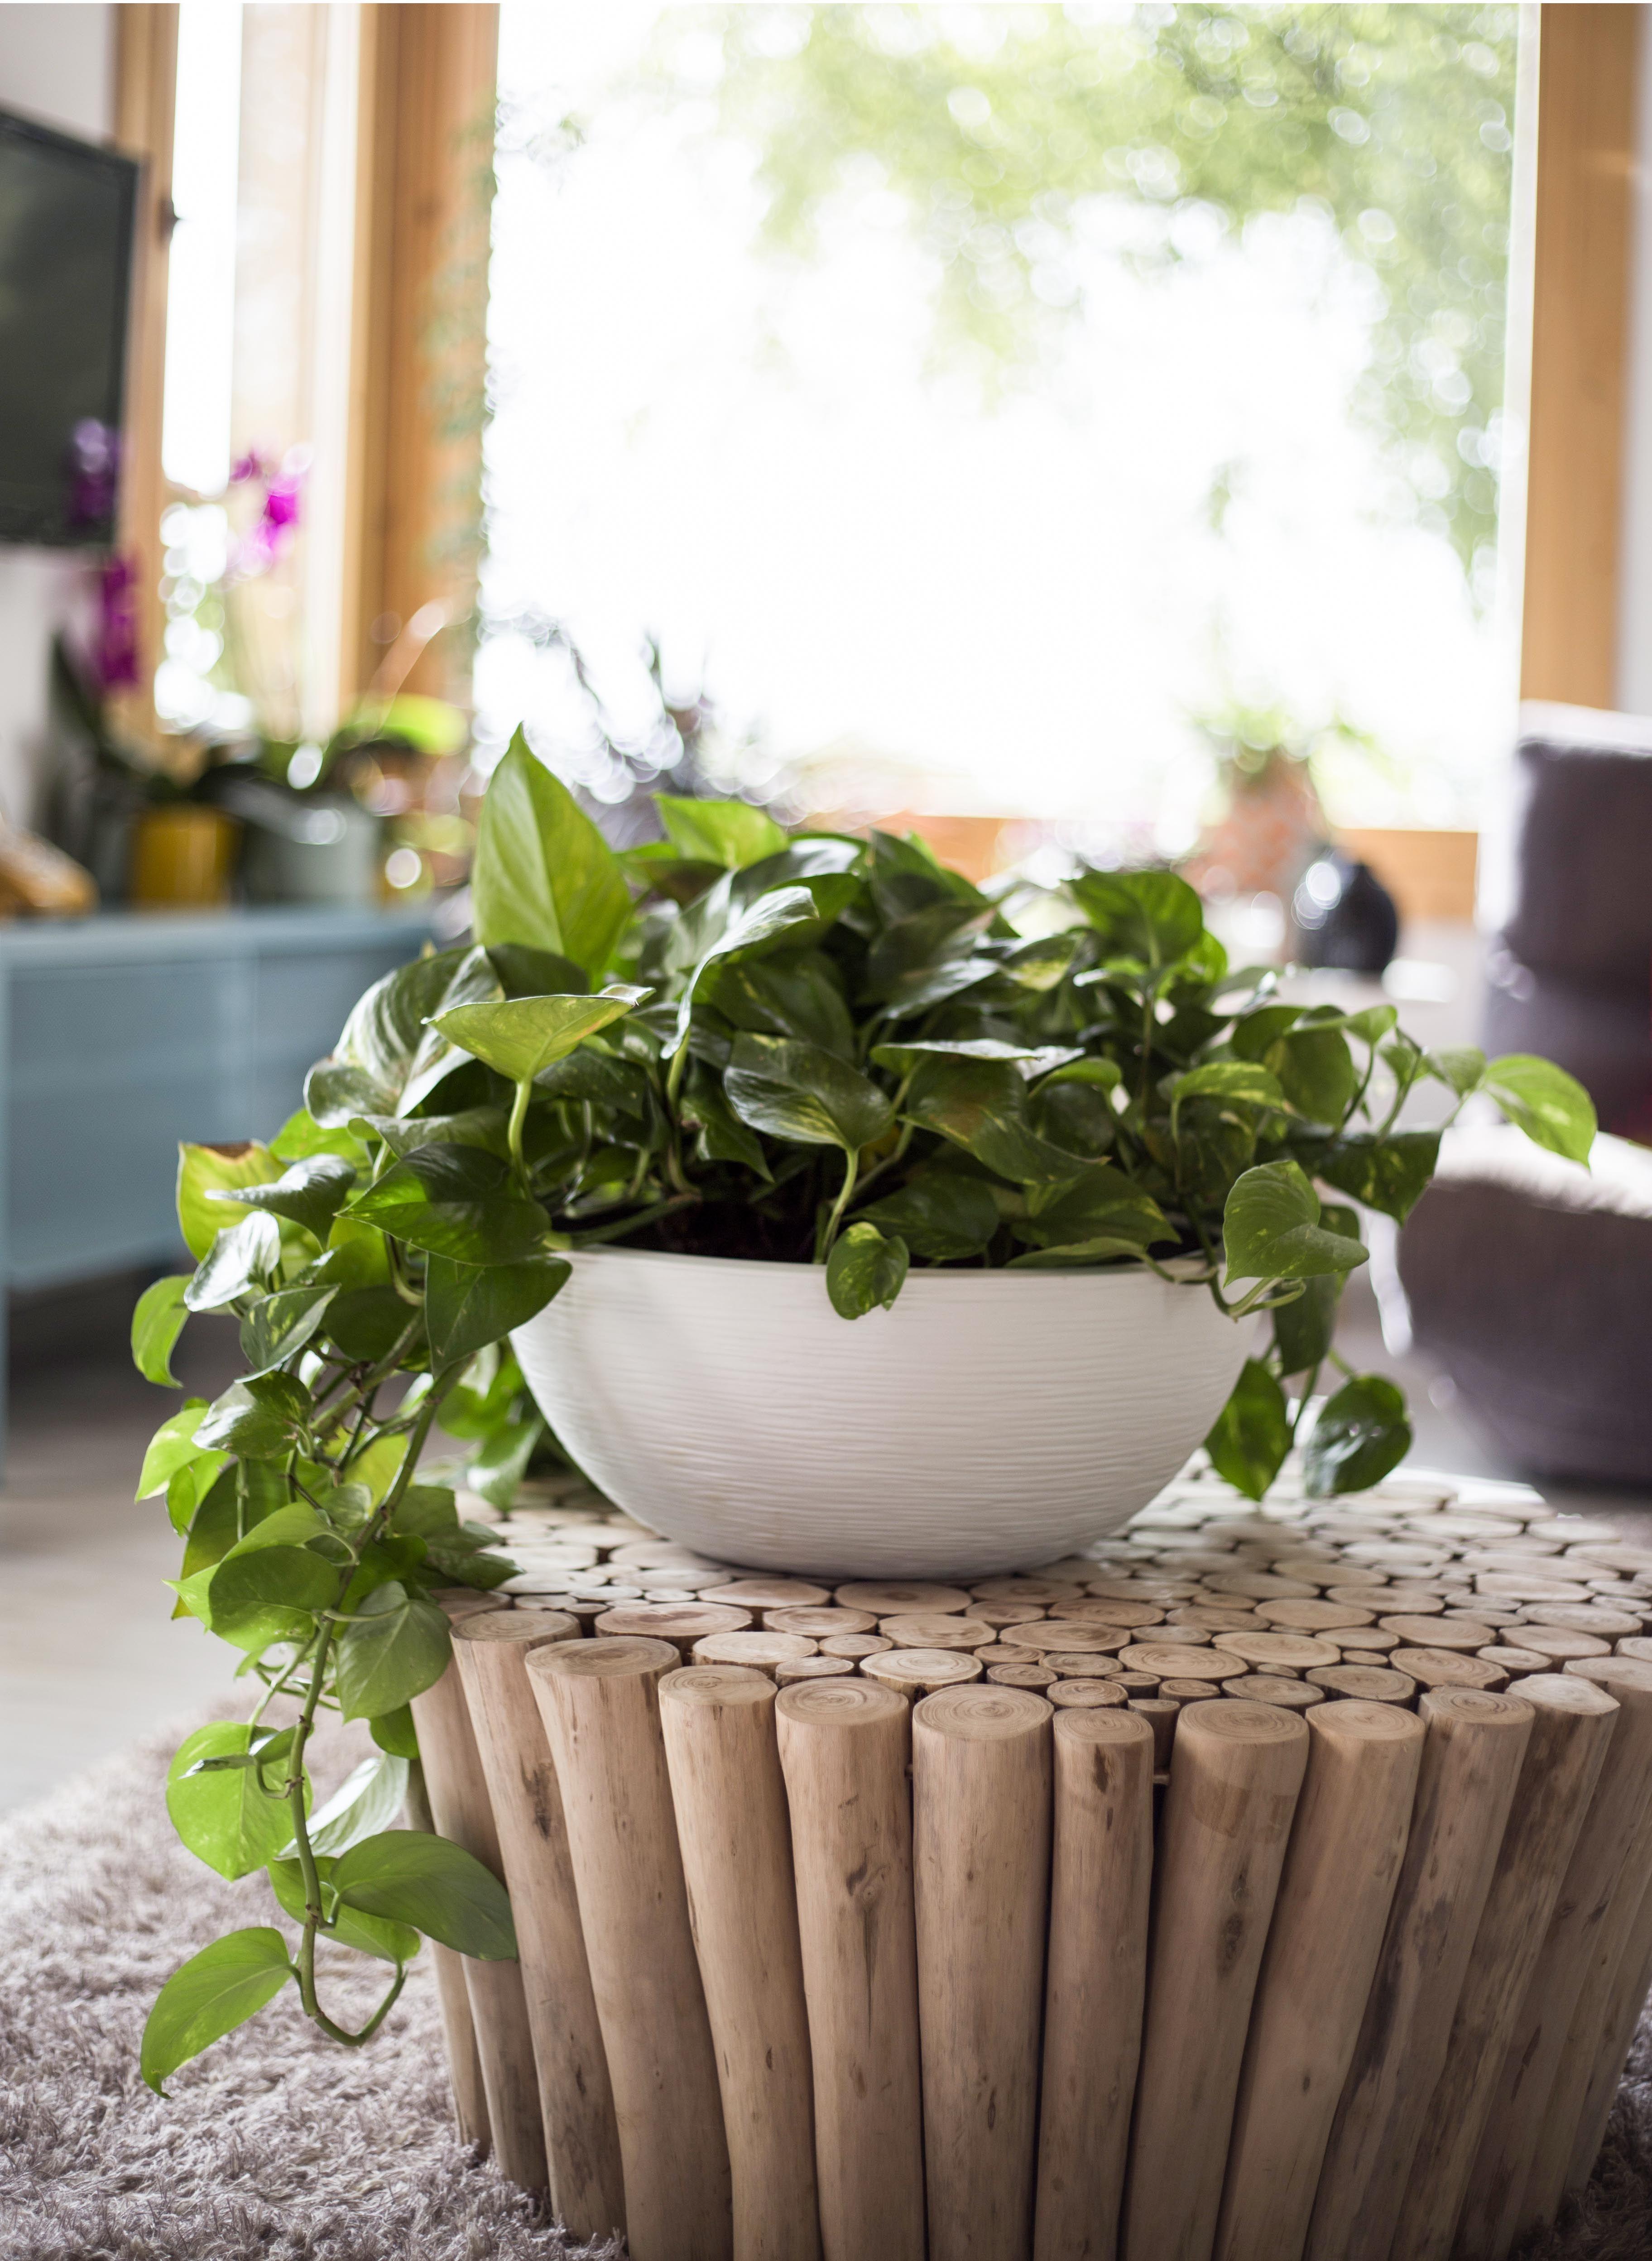 Mettez en valeur vos plantes préférées avec notre vasque Graphit ...